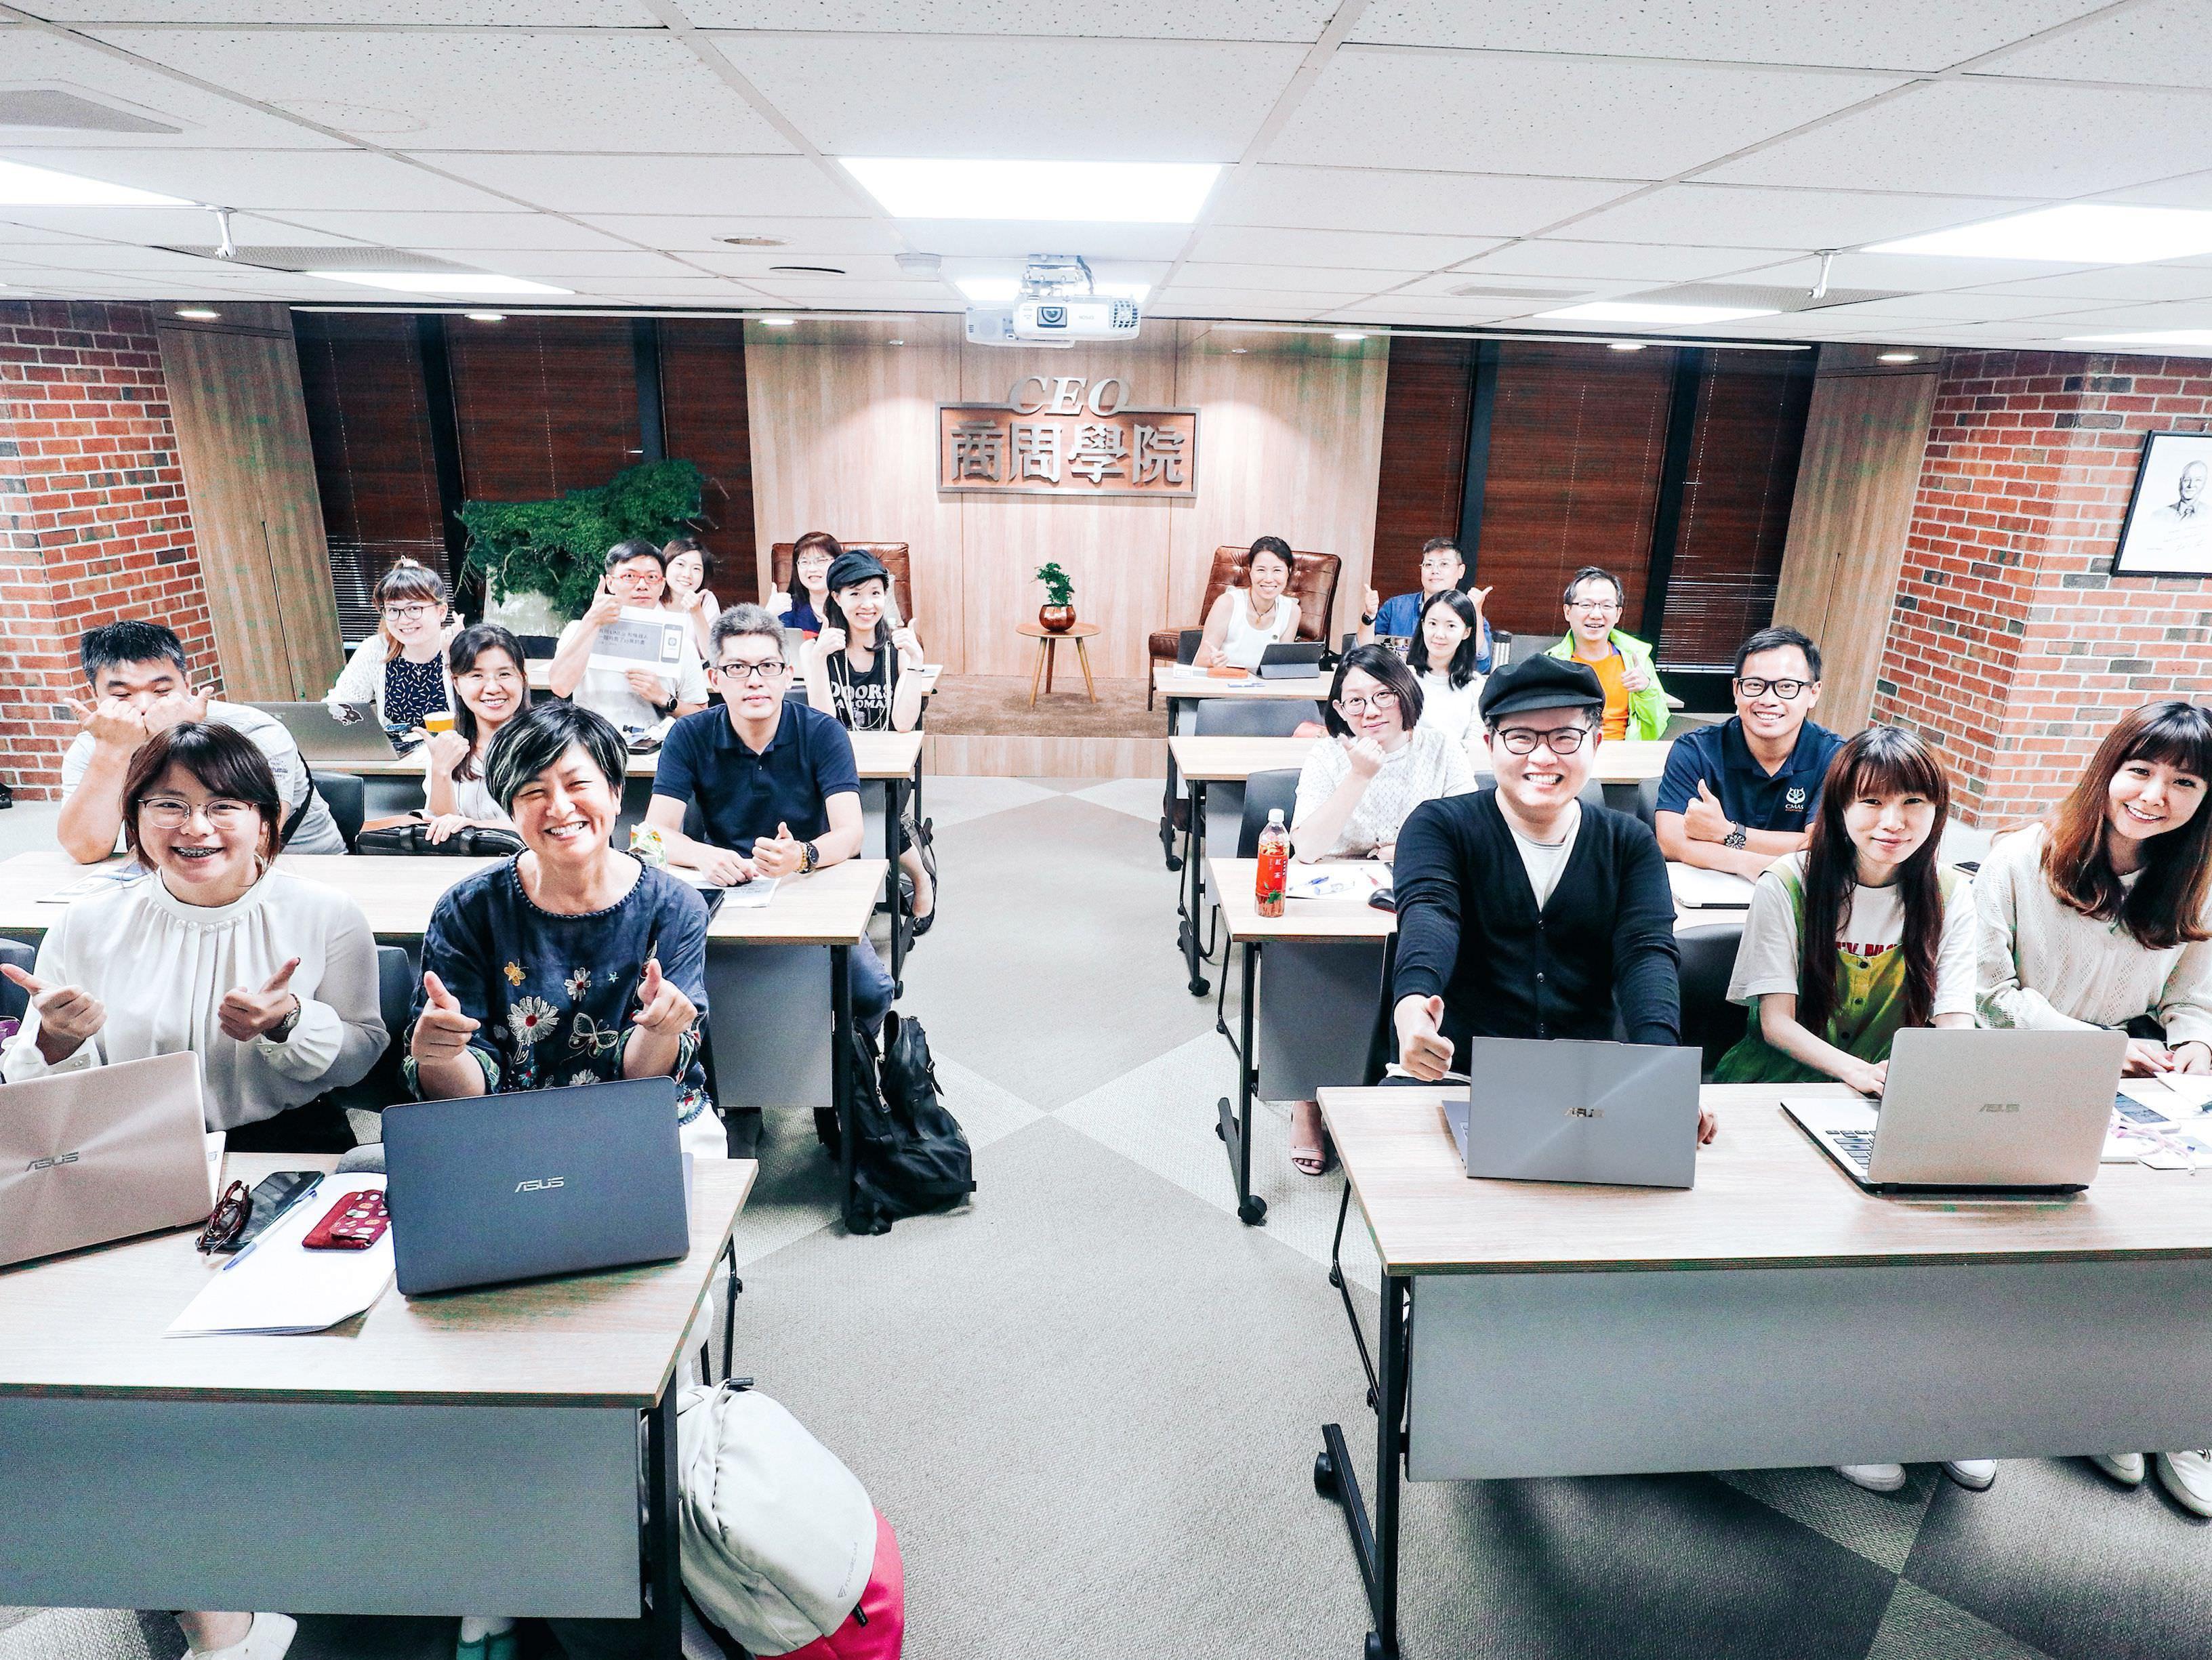 作家/講師/旅人 ZenBook S13 讓斜槓青年 突破框架 美力無邊